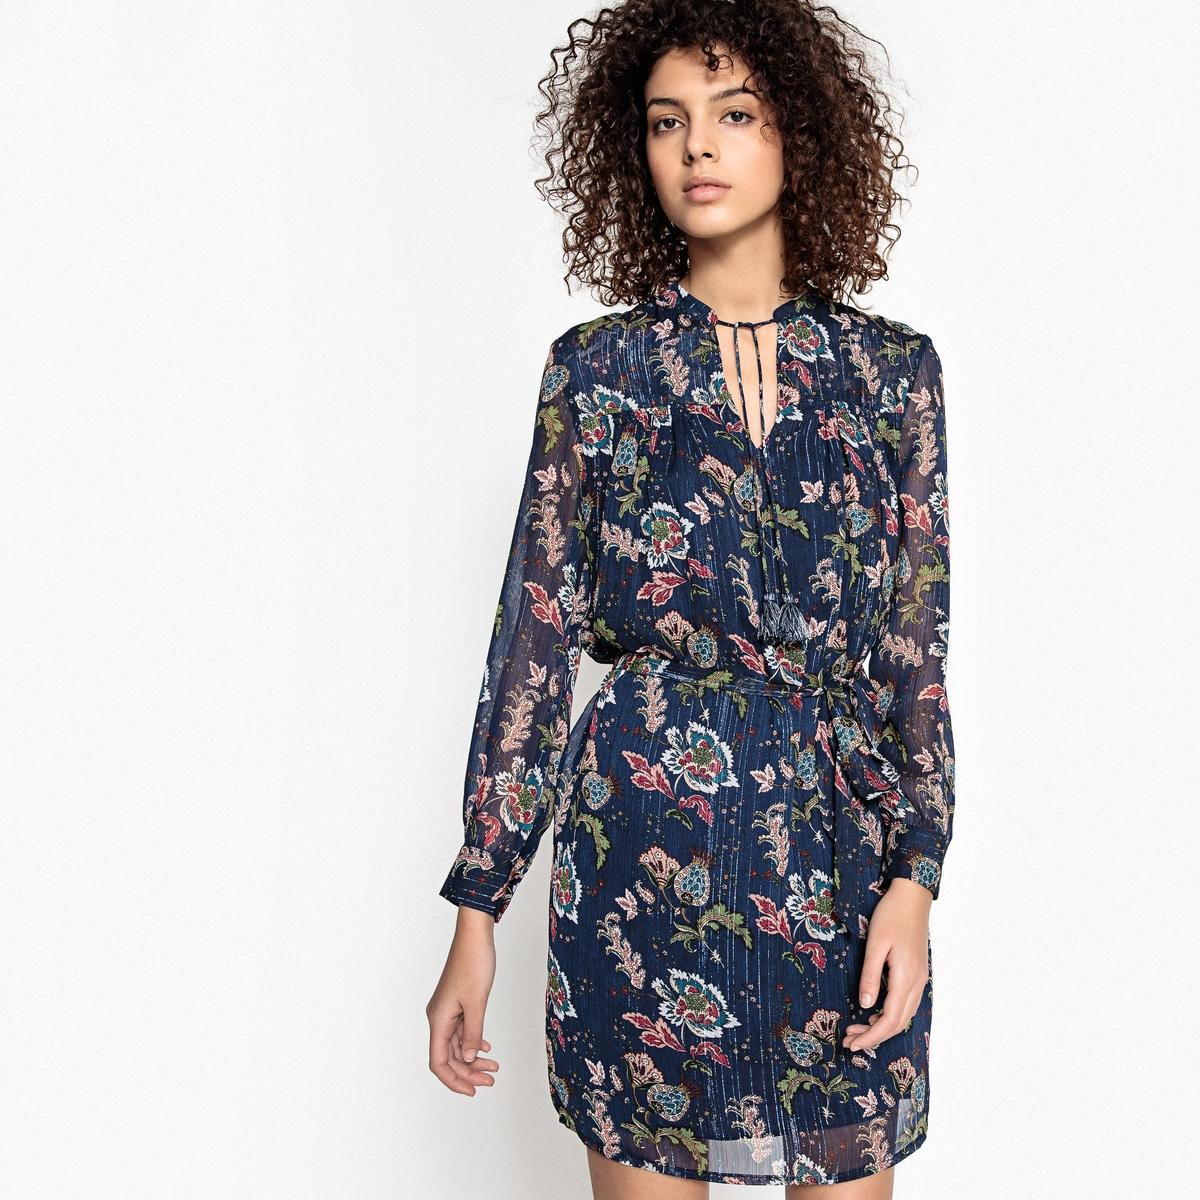 Платье с рисунком и длинными рукавами CESAIRE платье с рисунком и длинными рукавами